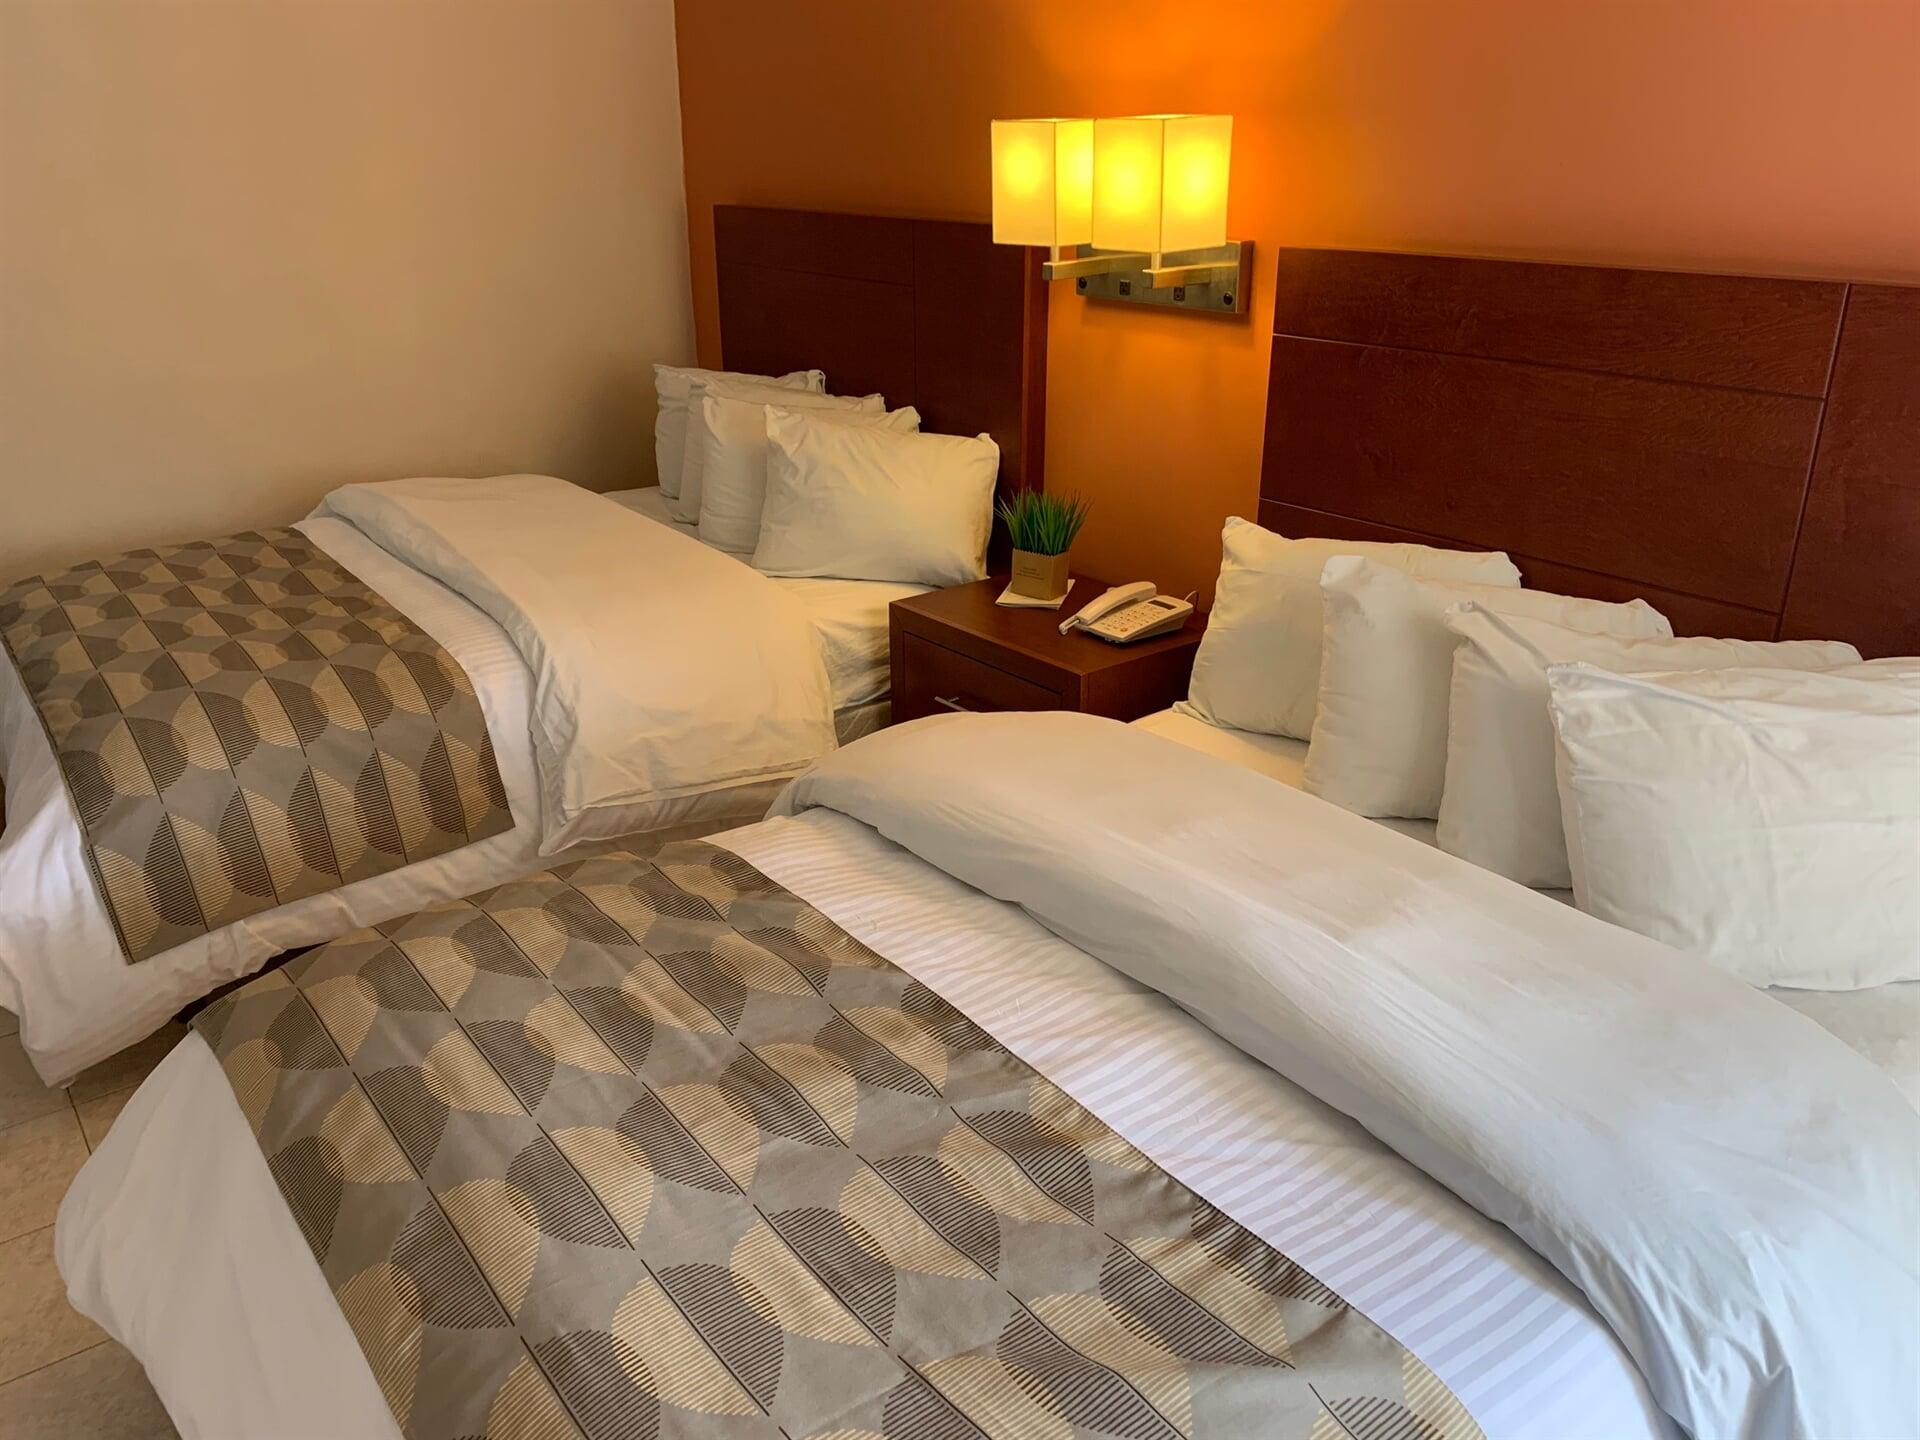 CASAGRANDE HOTEL - Hospedaje en Ciudad Frontera